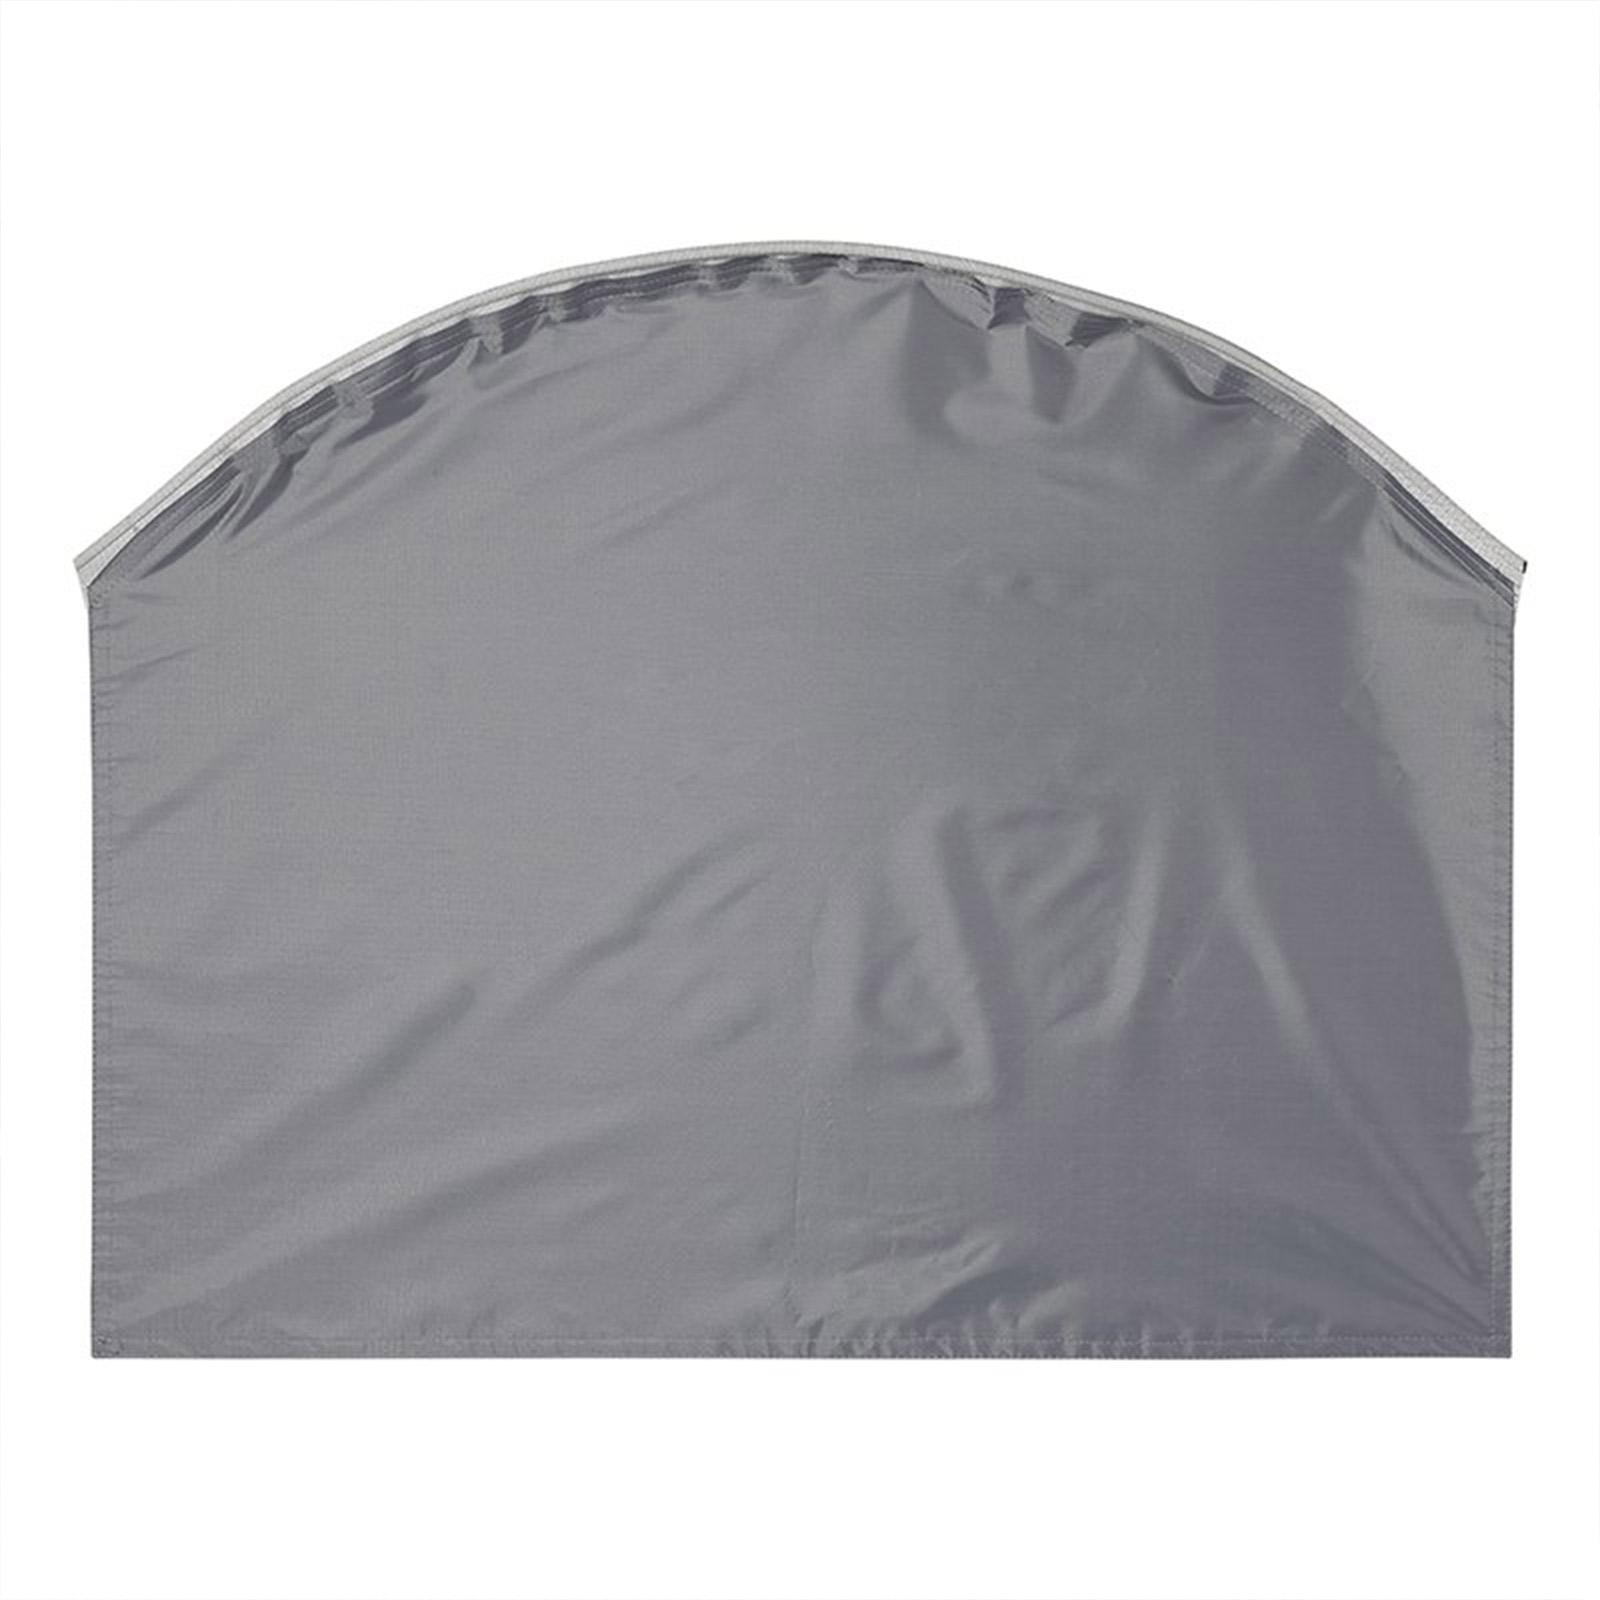 Wohnwagen Radabdeckung mit Keder grau UV Schutz Polyestergewebe